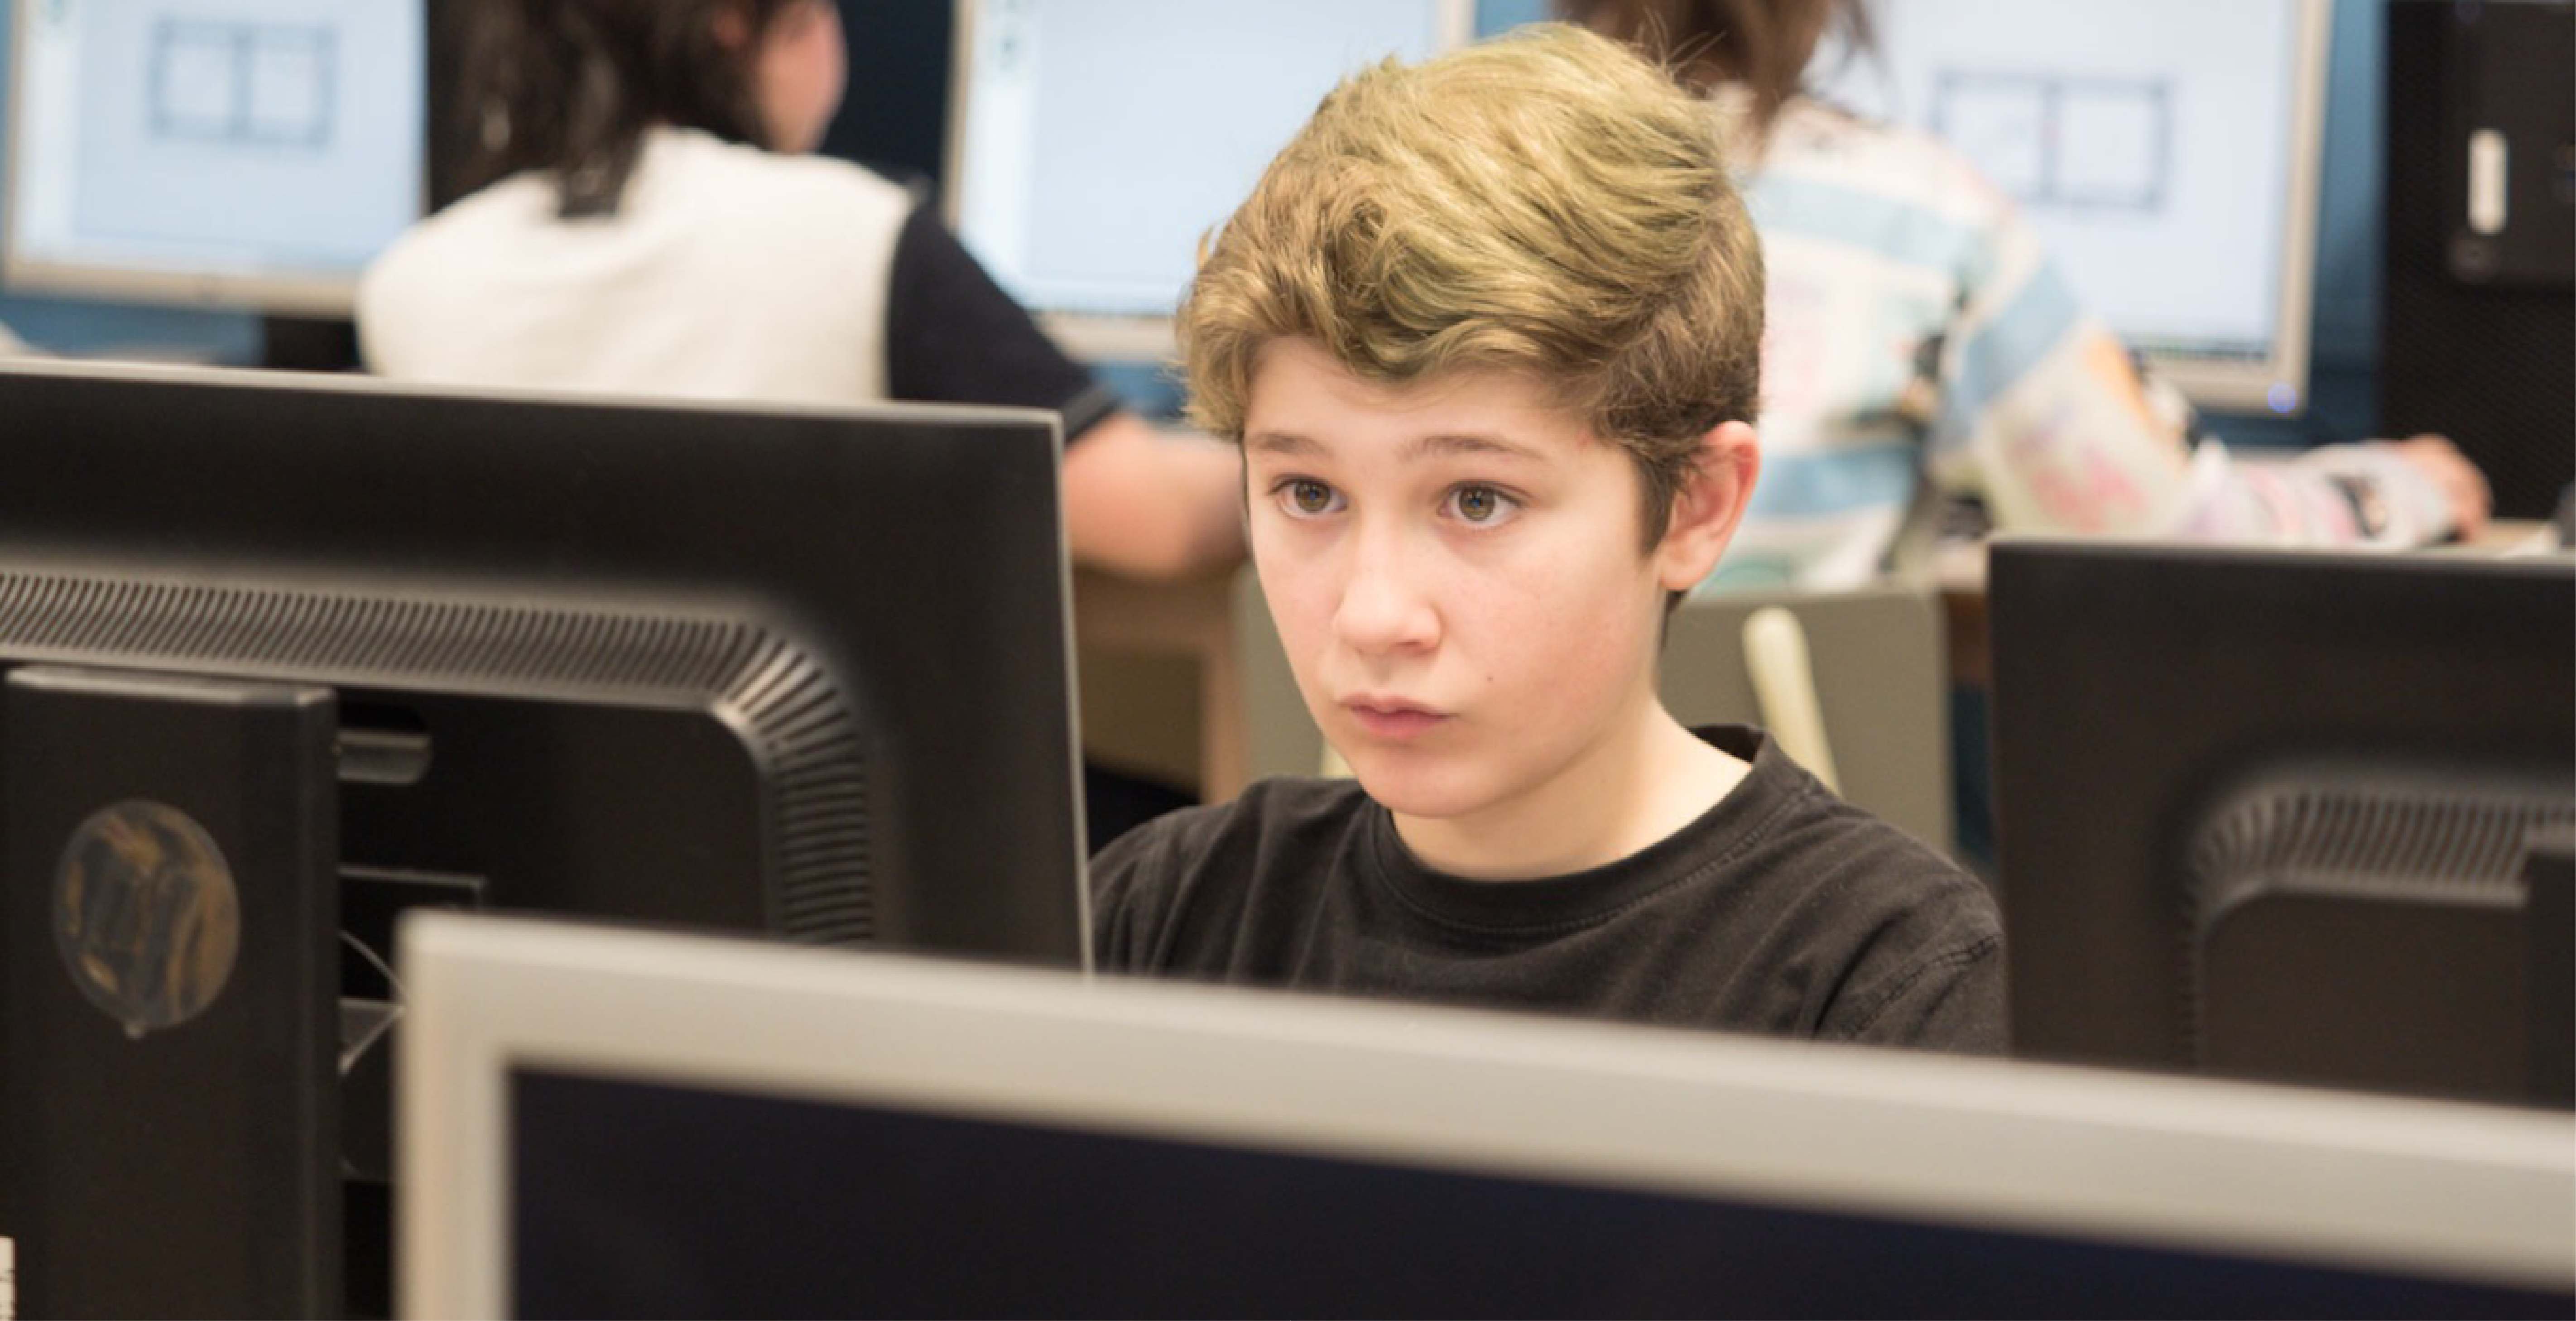 Création de jeux vidéo par Fusion Jeunesse – Des projets imaginatifs par des jeunes passionné.es